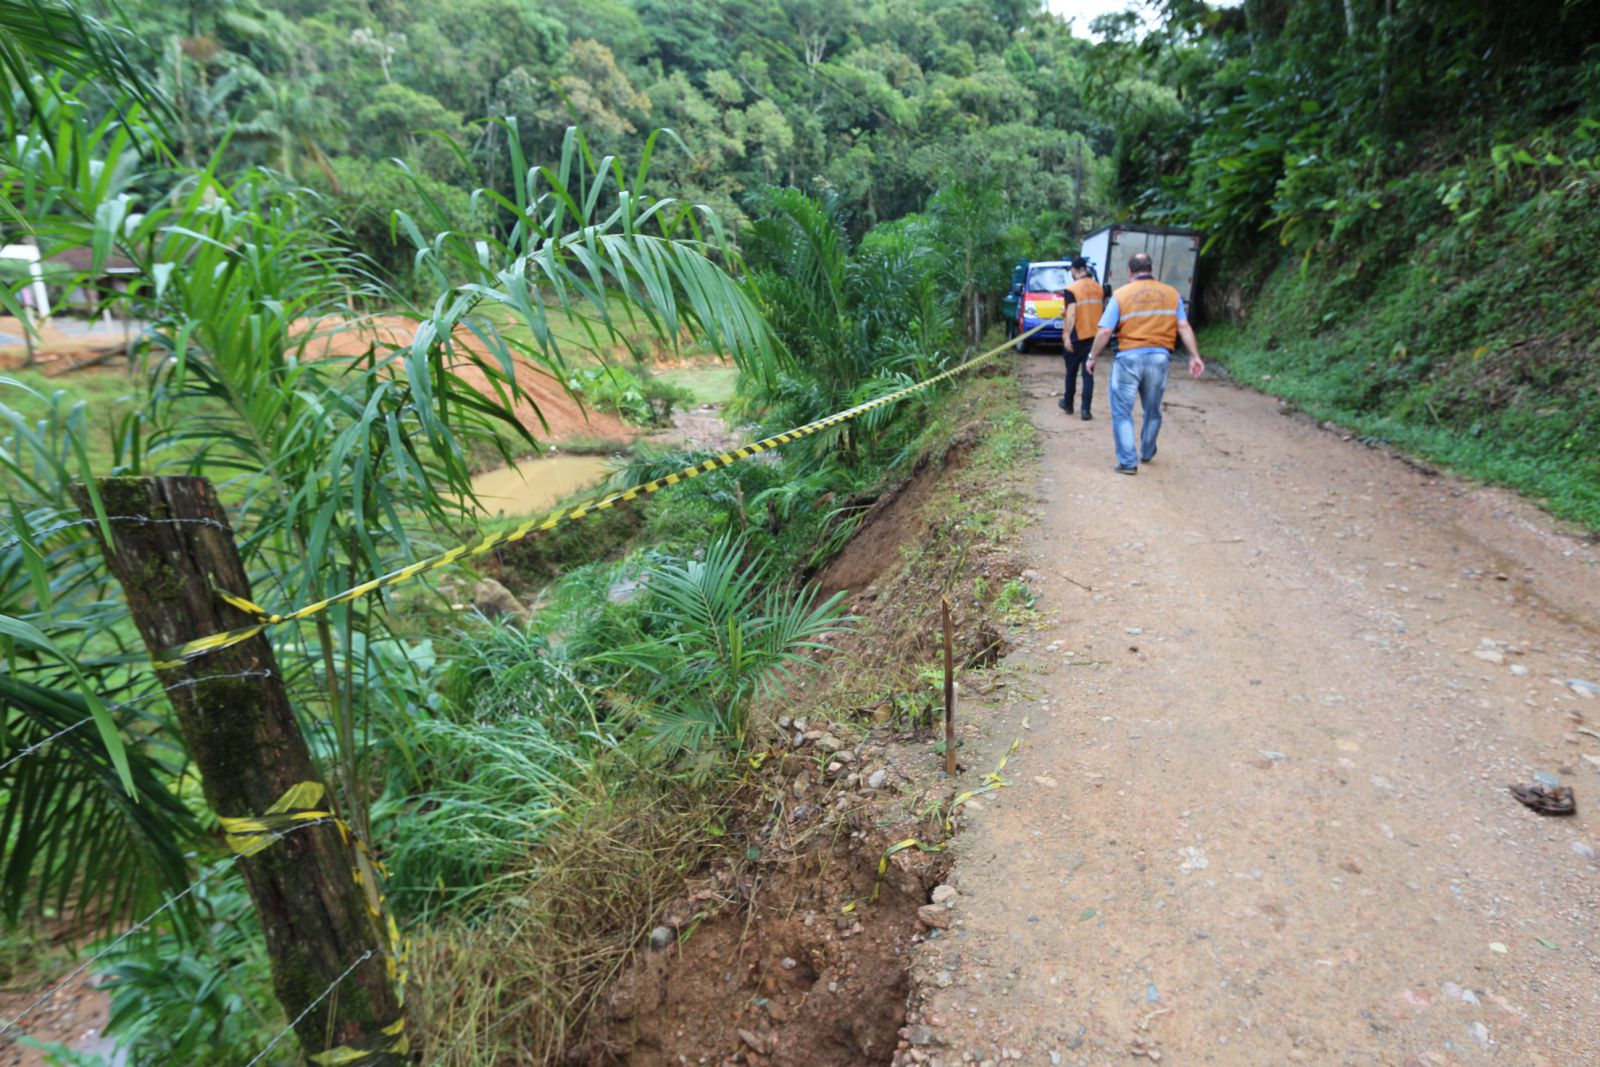 Defesa Civil avalia estragos causados pela chuva em Jaraguá do Sul (SC)